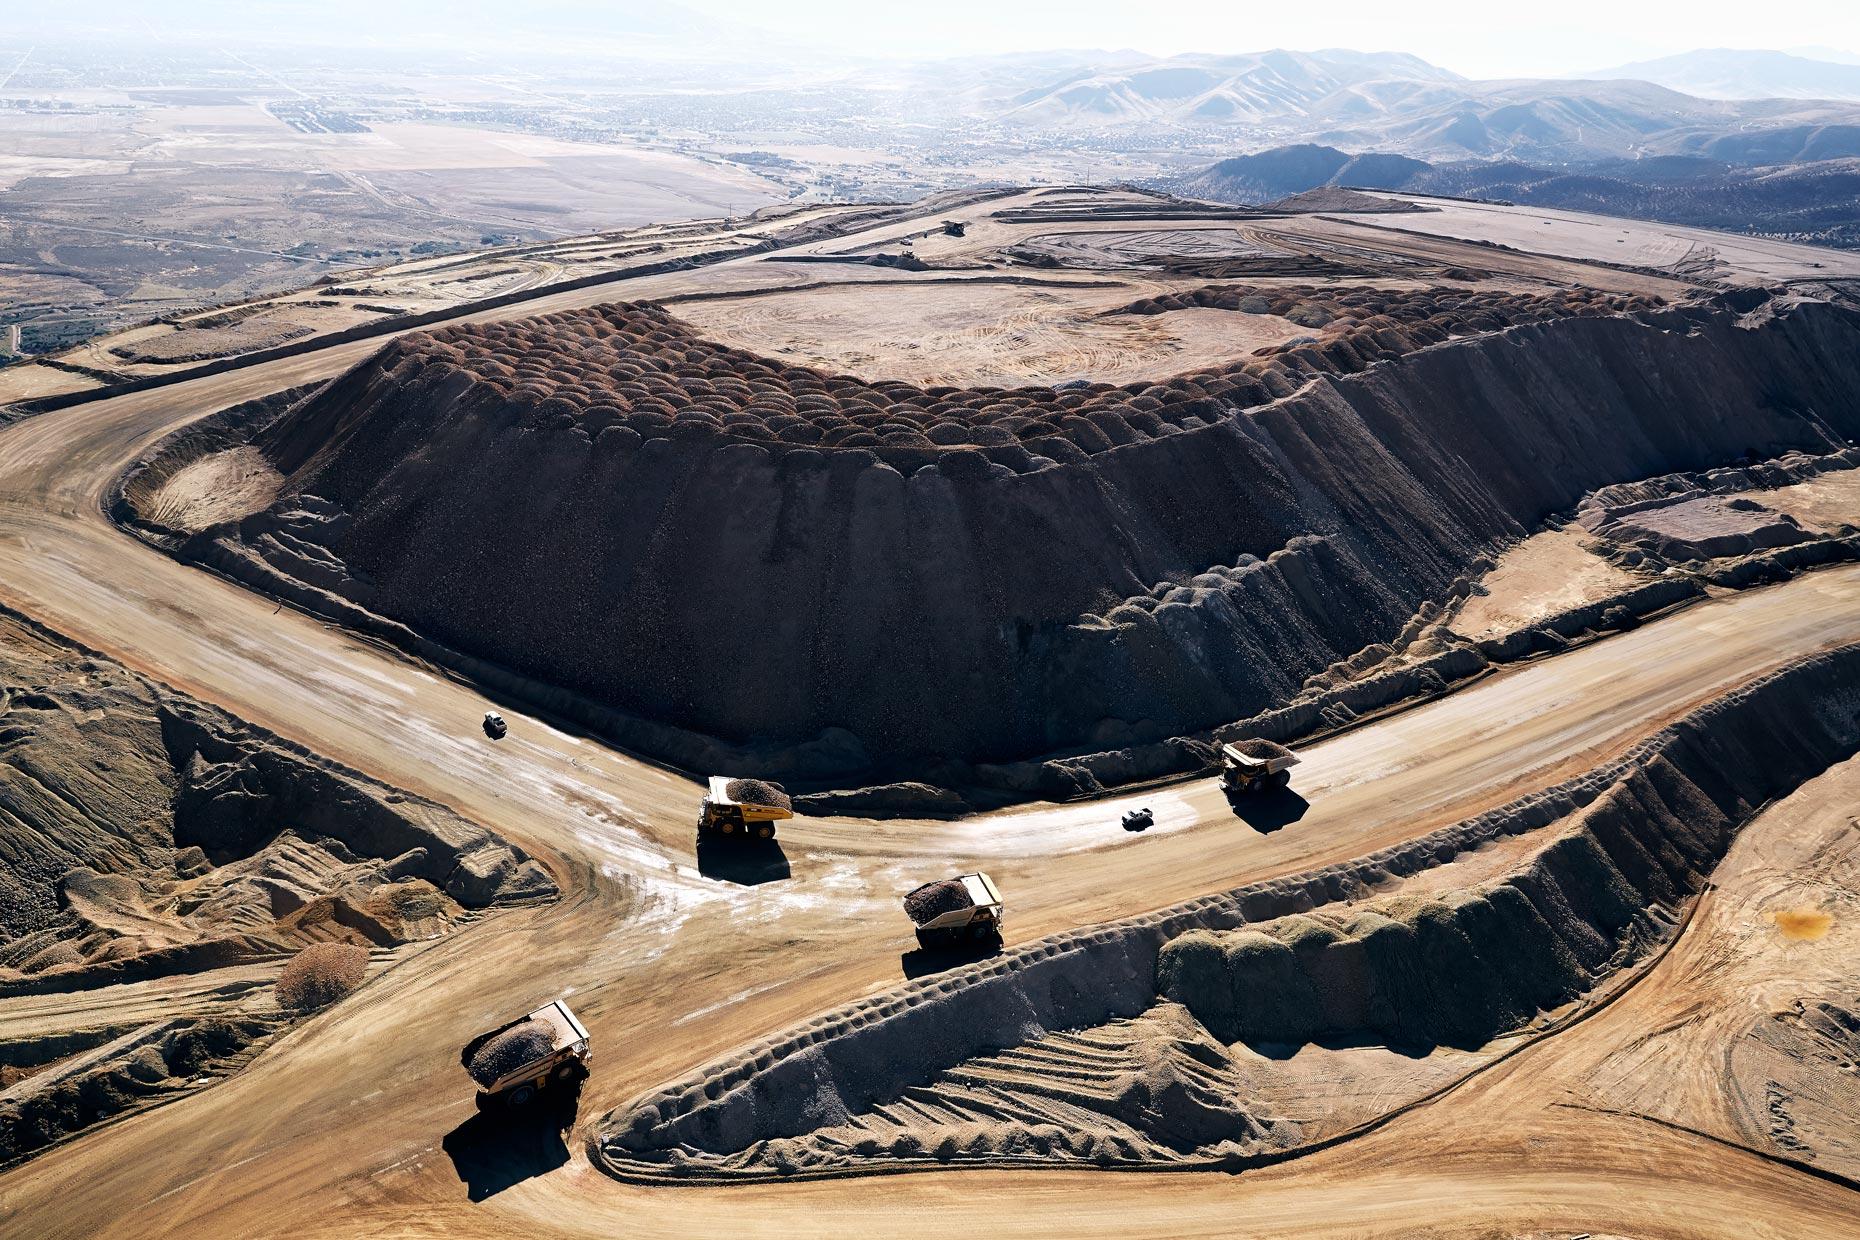 Travel Photography Derek Israelsen 017 Mining Trucks